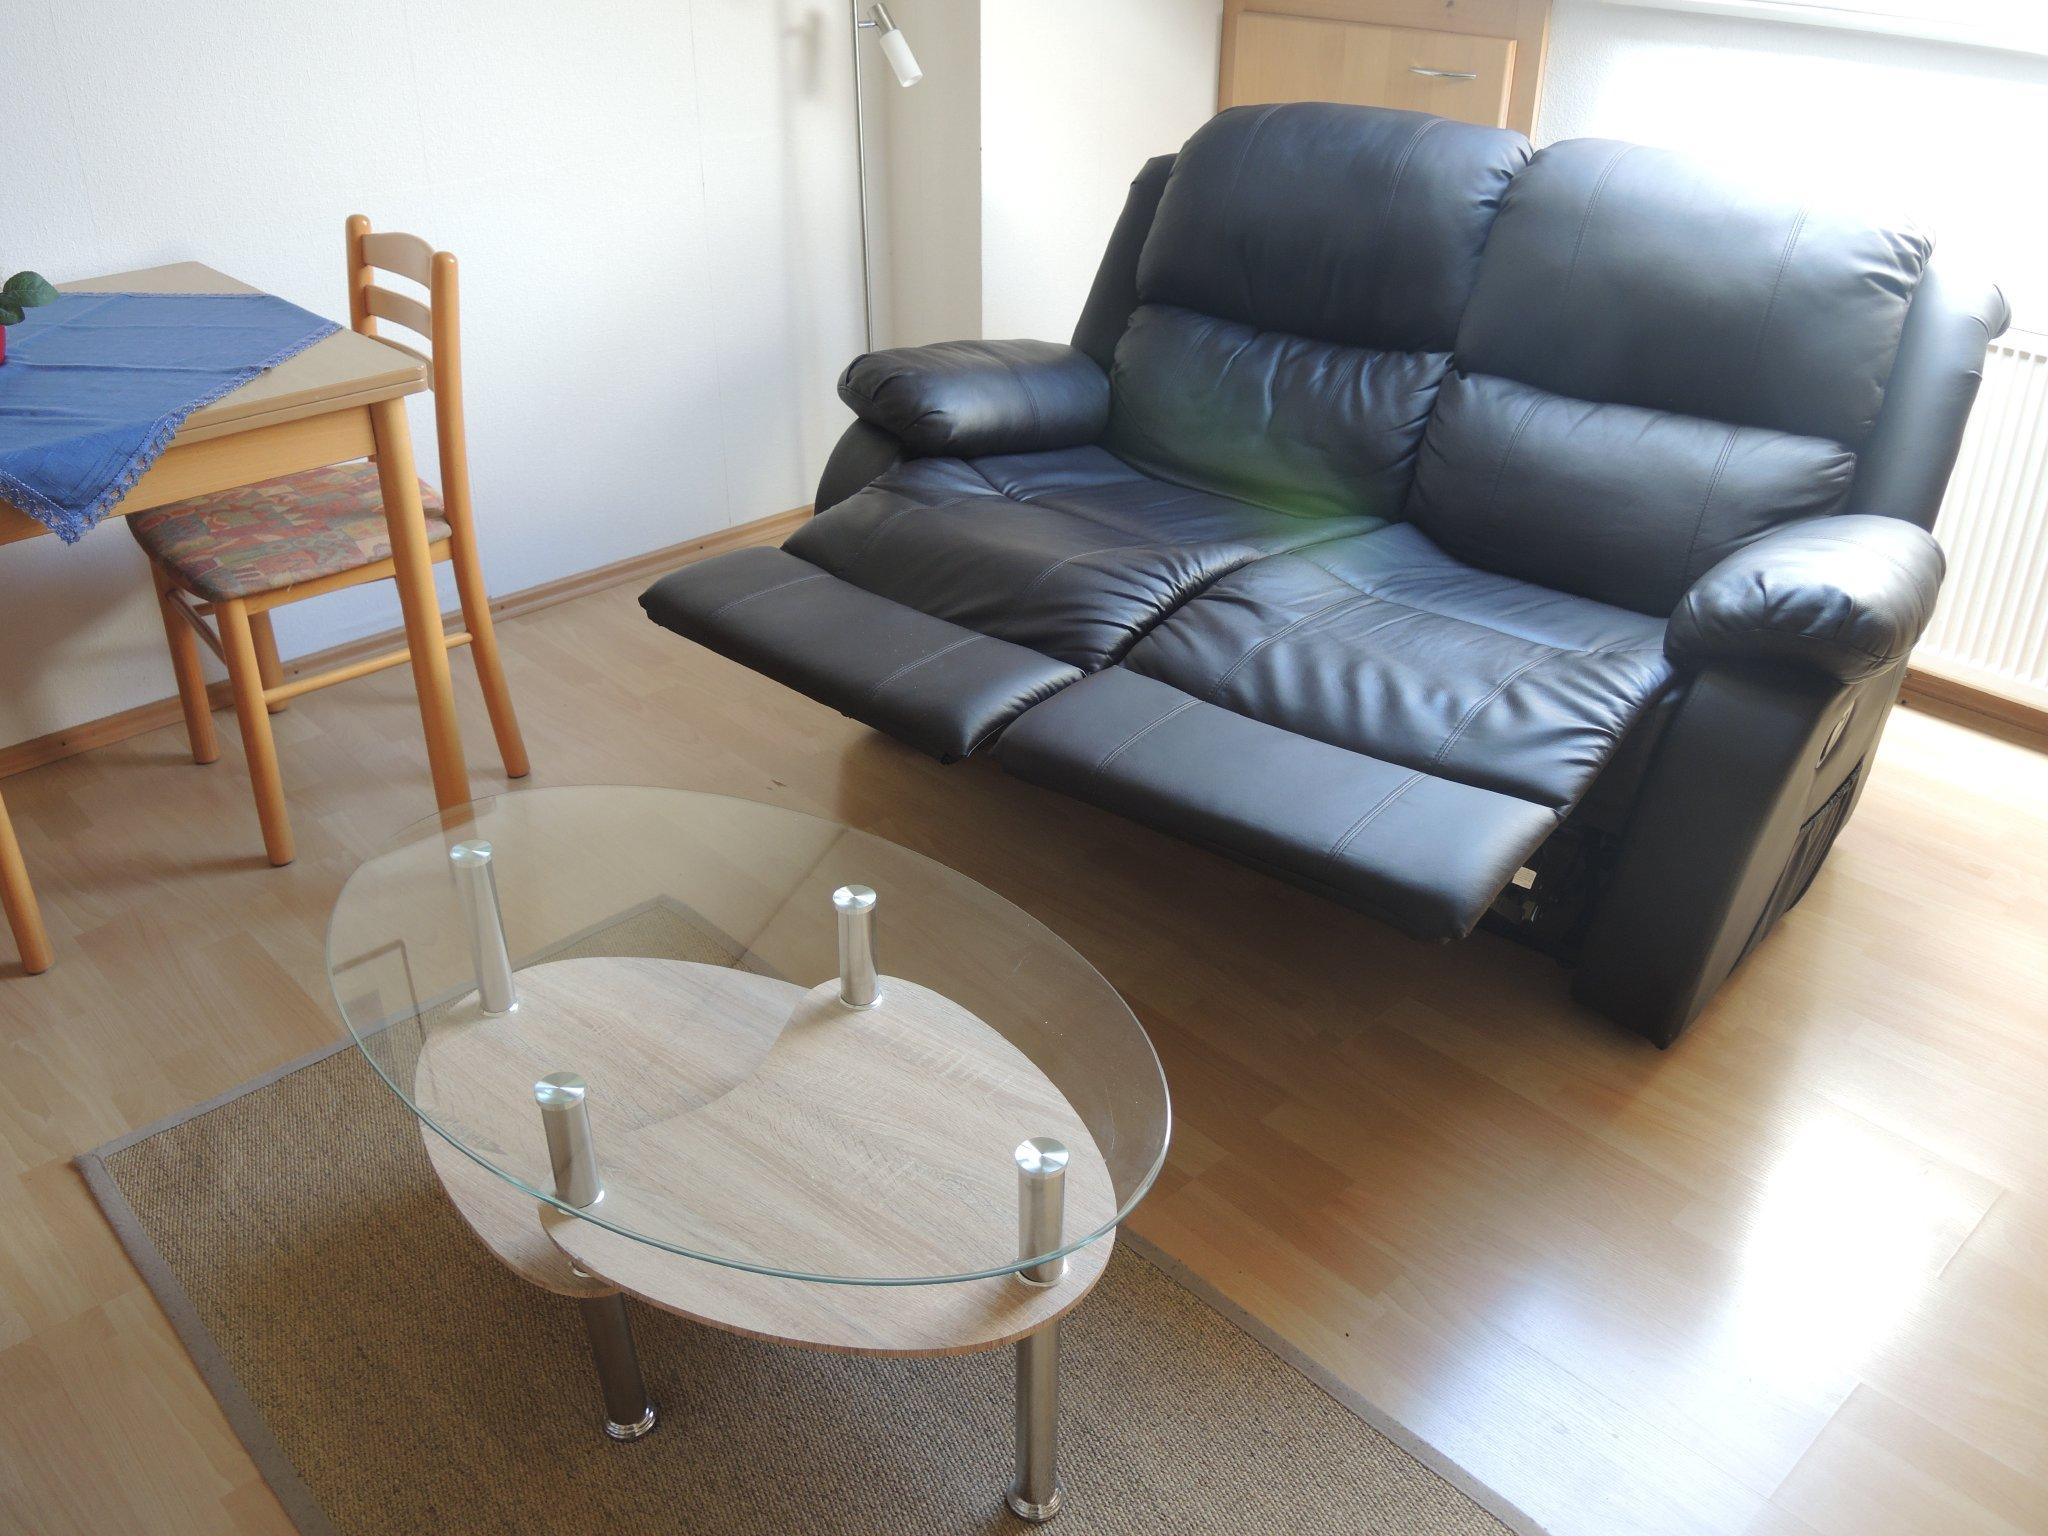 Wohnzimmer mit integrierter Einbauküchen